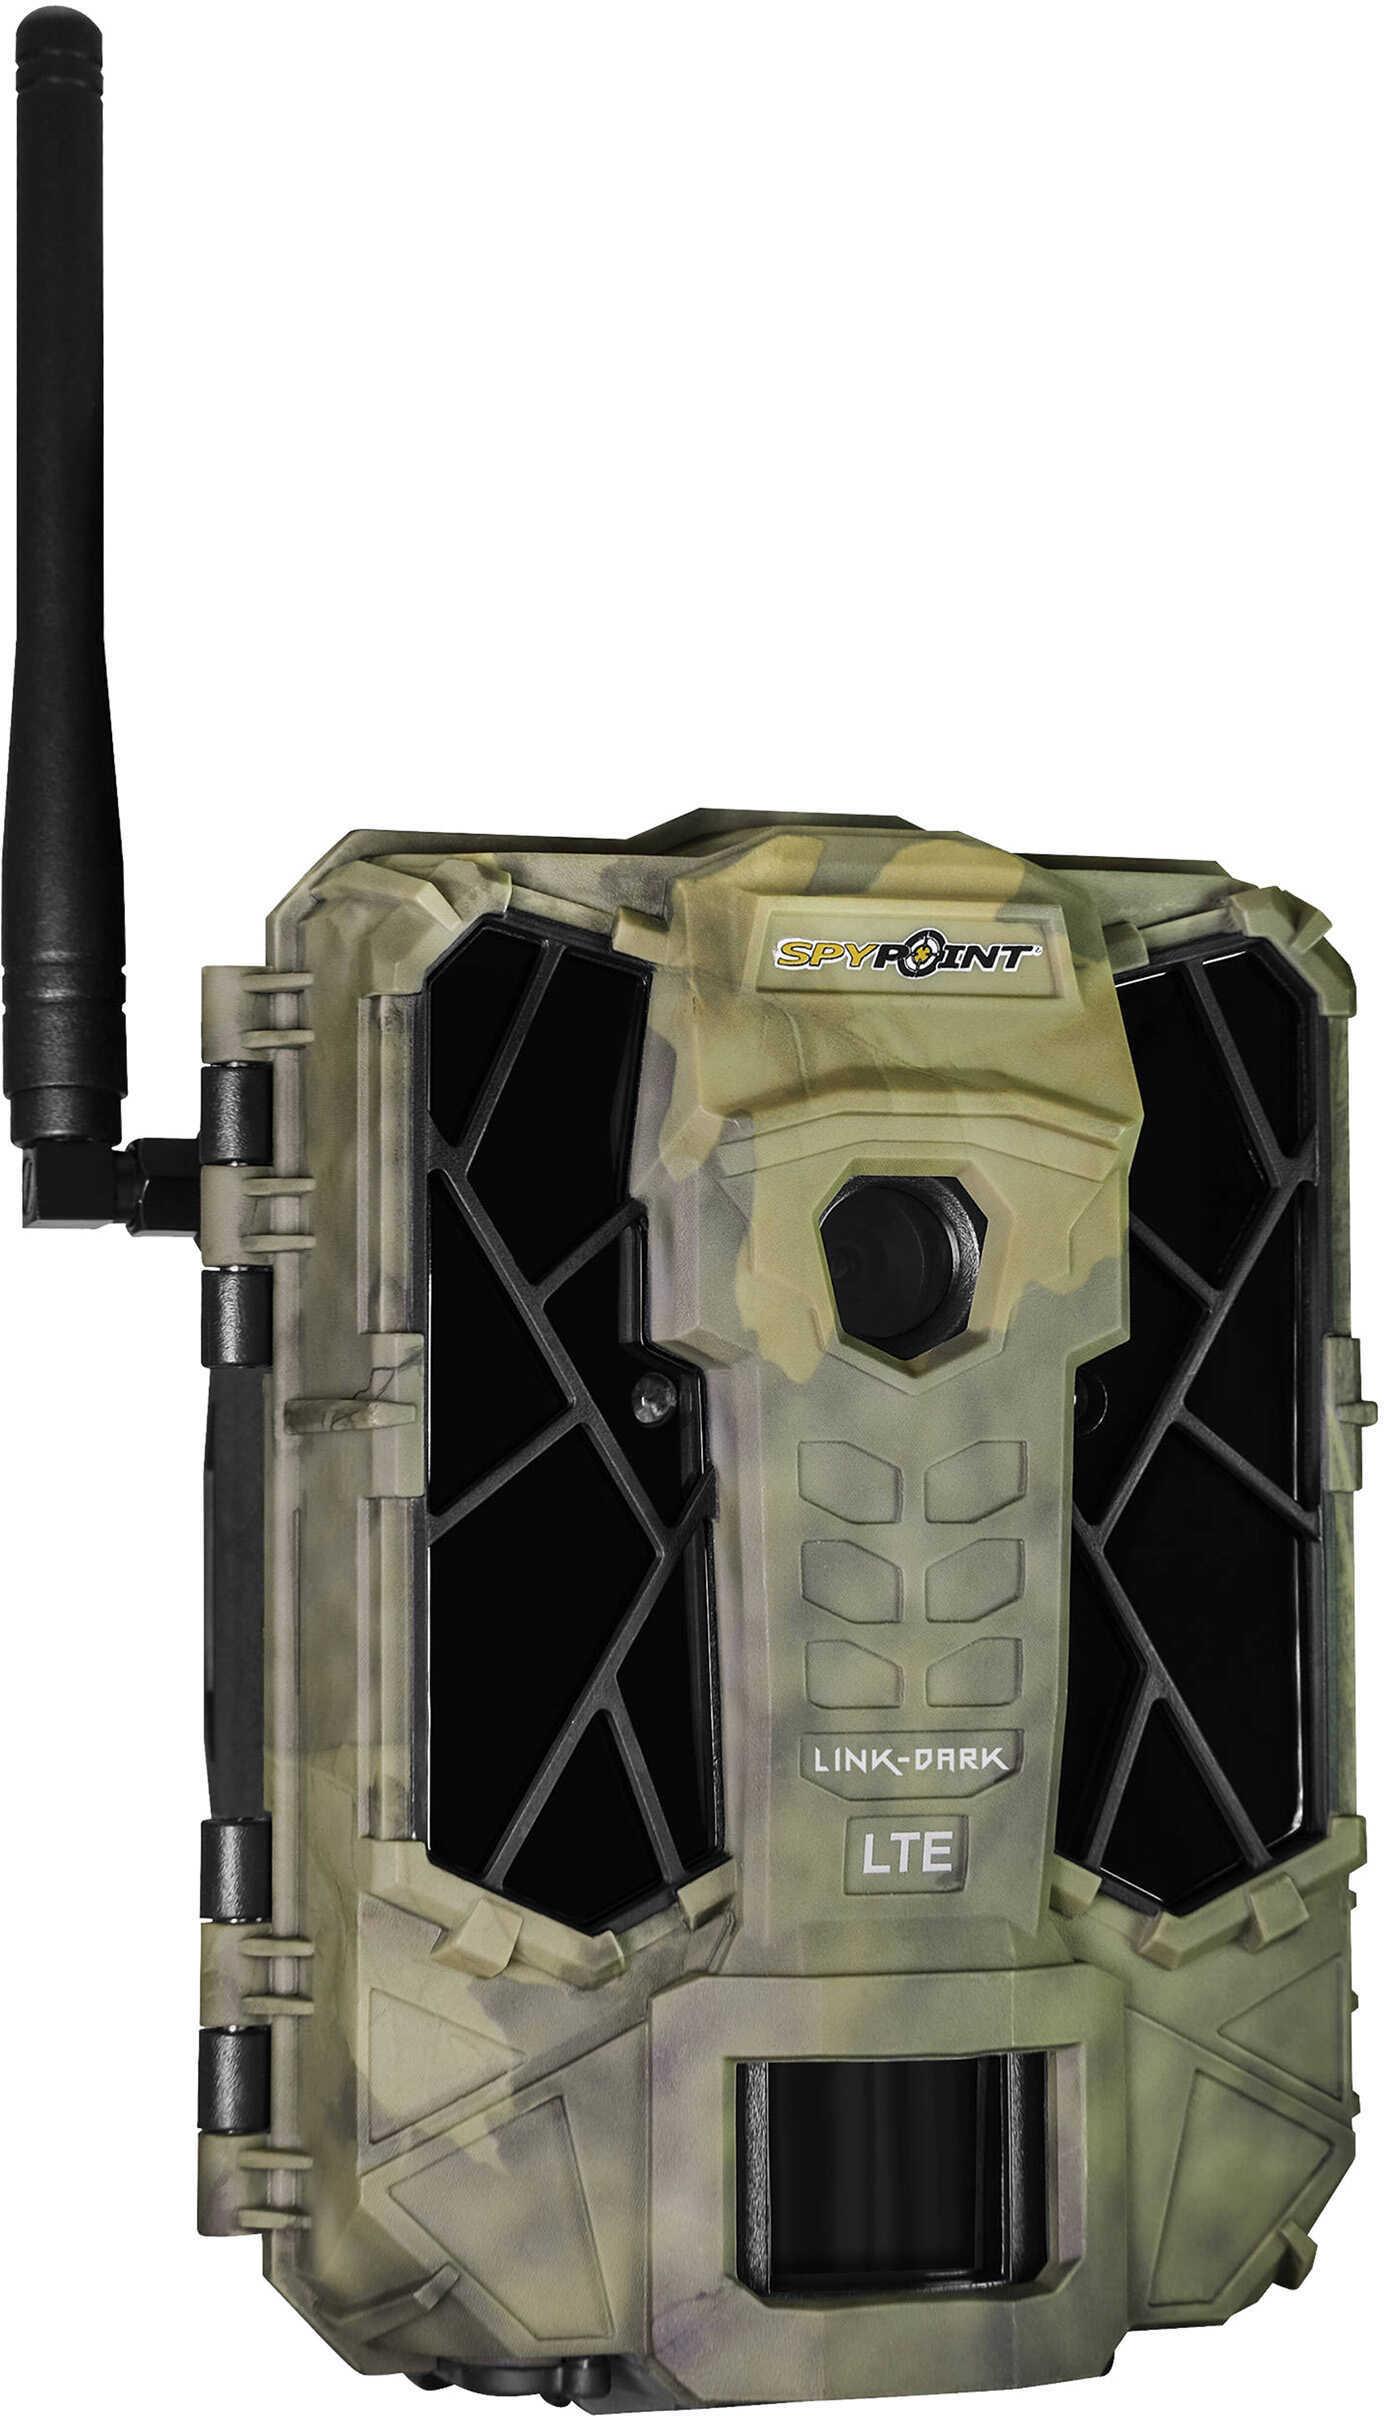 Spypoint Link Dark Cellular Trail Camera Model: LINKDARK